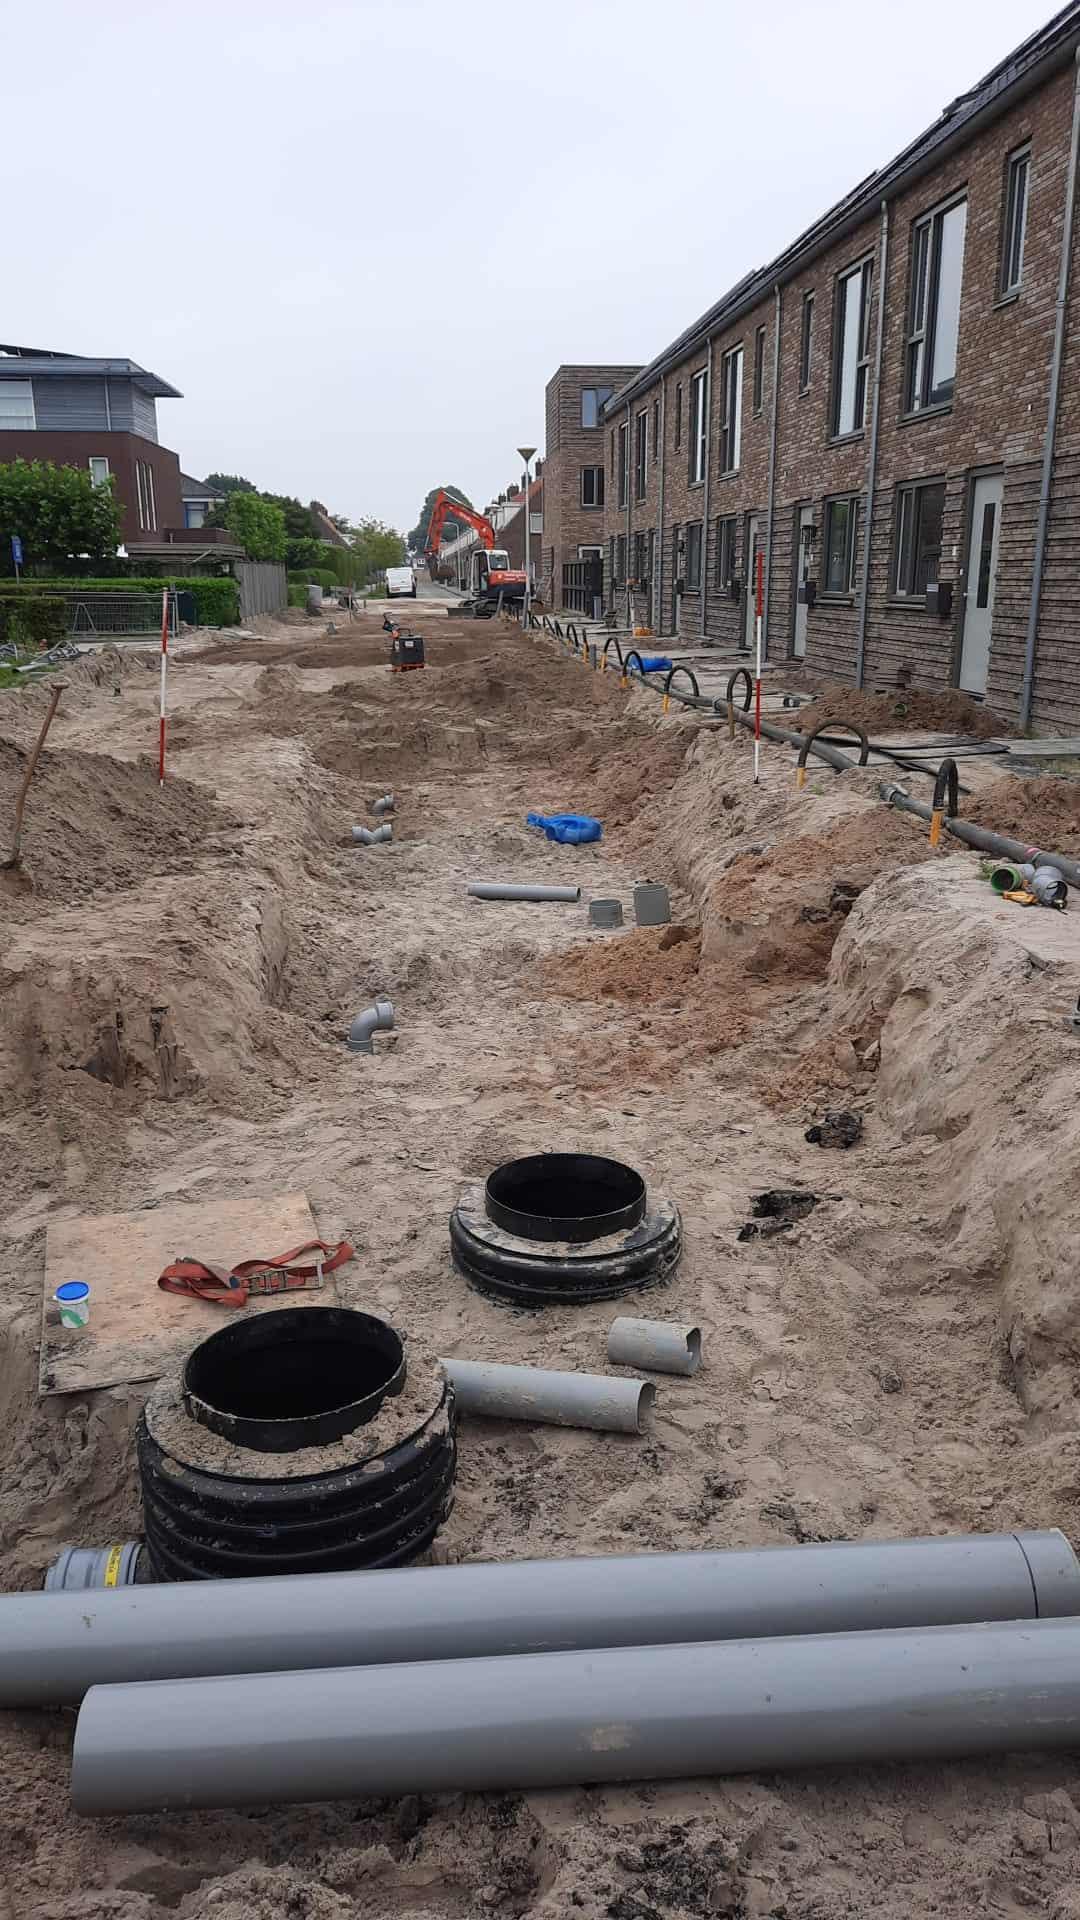 gemeente de fryske marren rioolrenovatie herinrichting zuiderzeestraat lemmer bommen 4